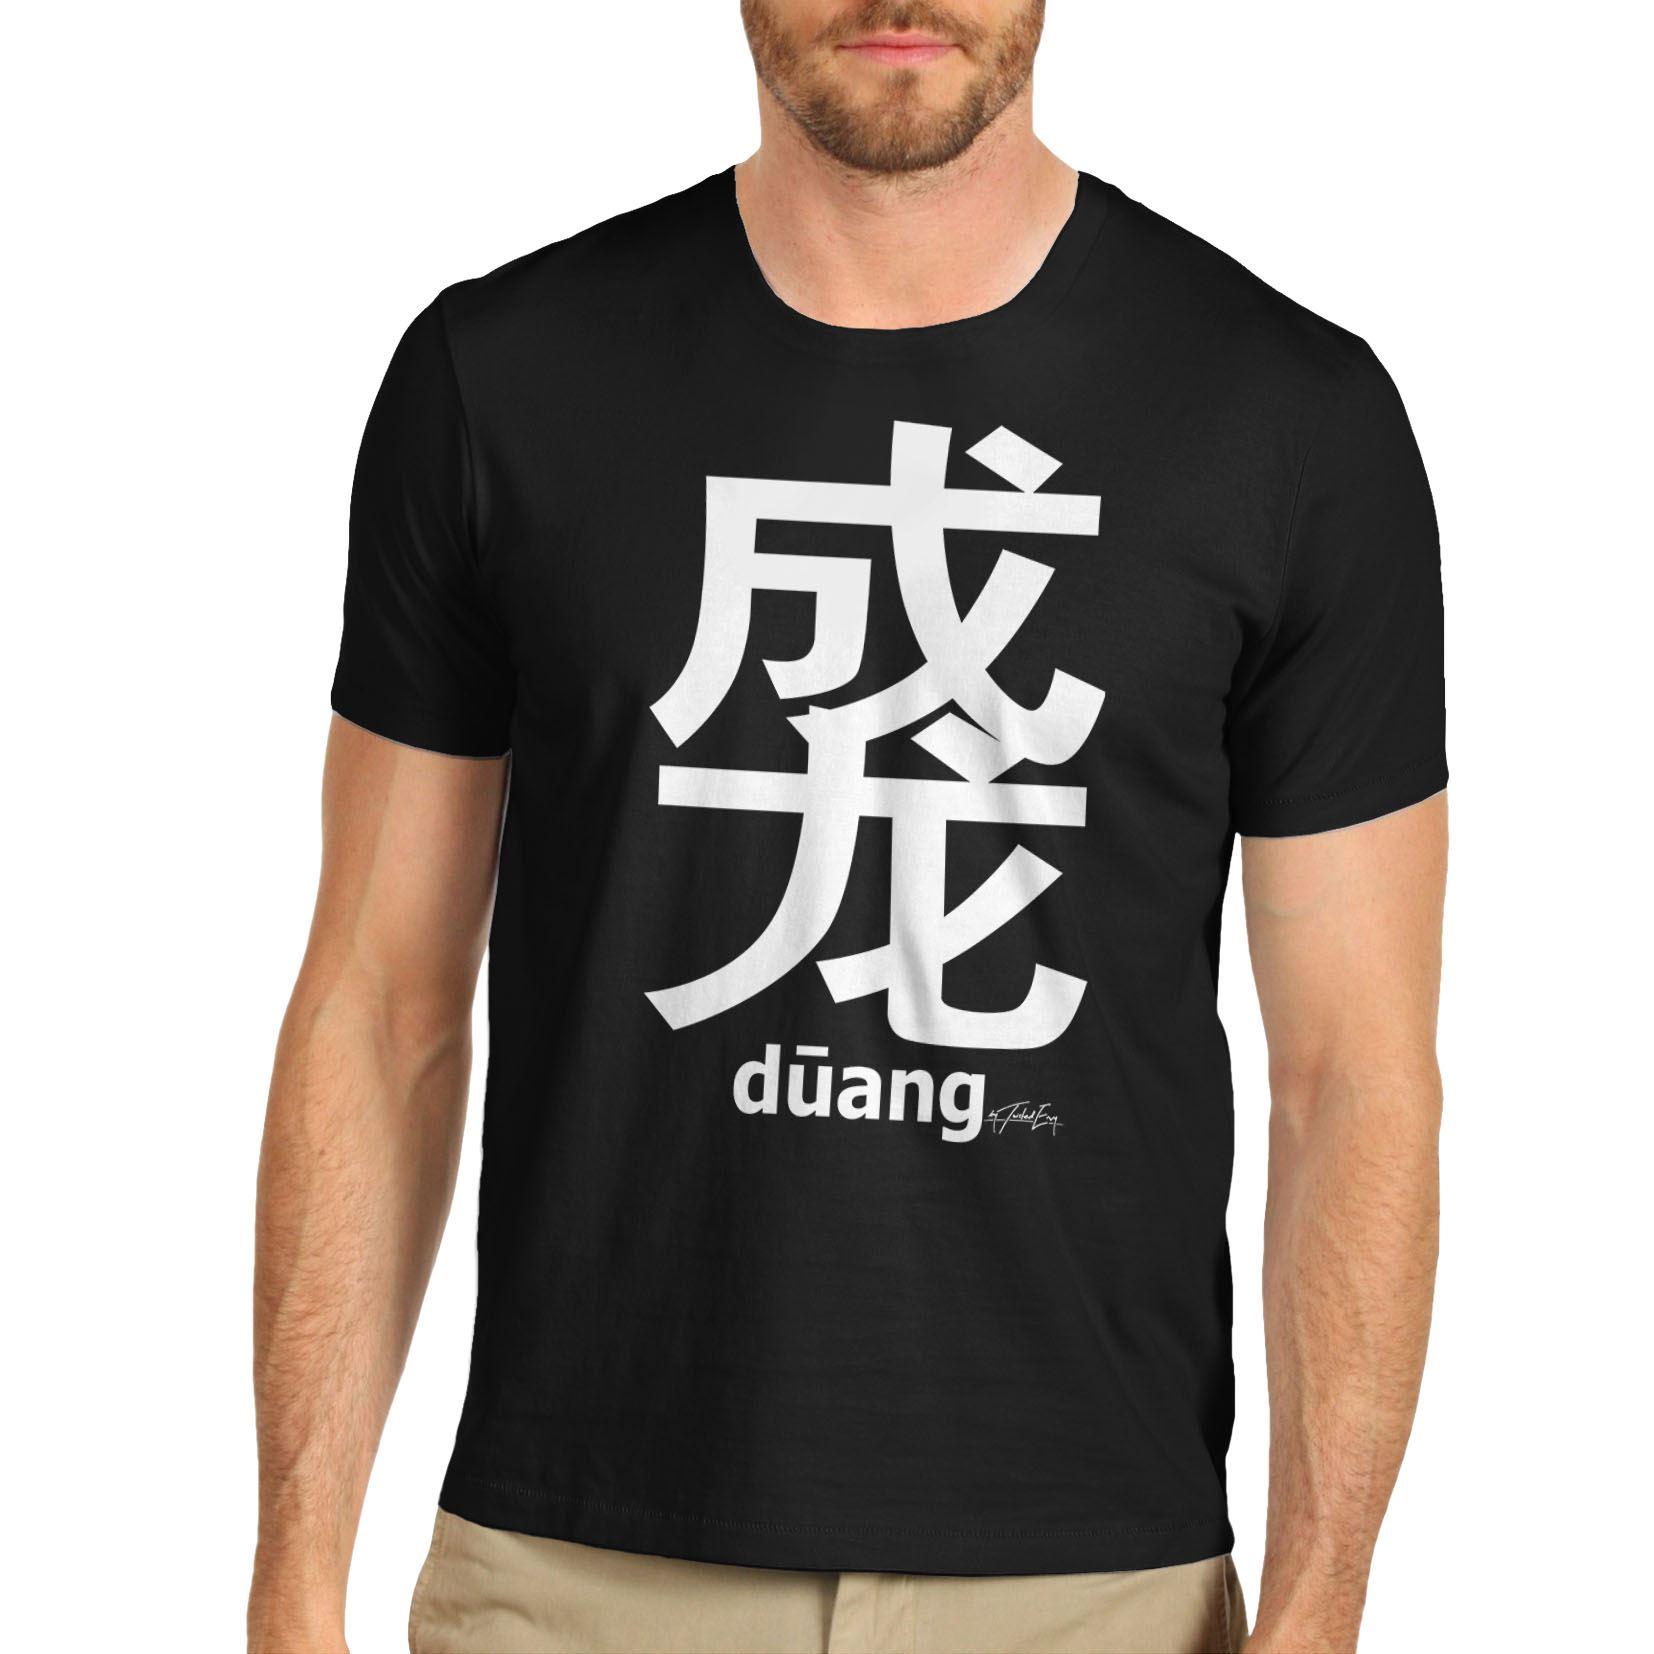 Mens Duang Chinese Character Novelty T Shirt Ebay